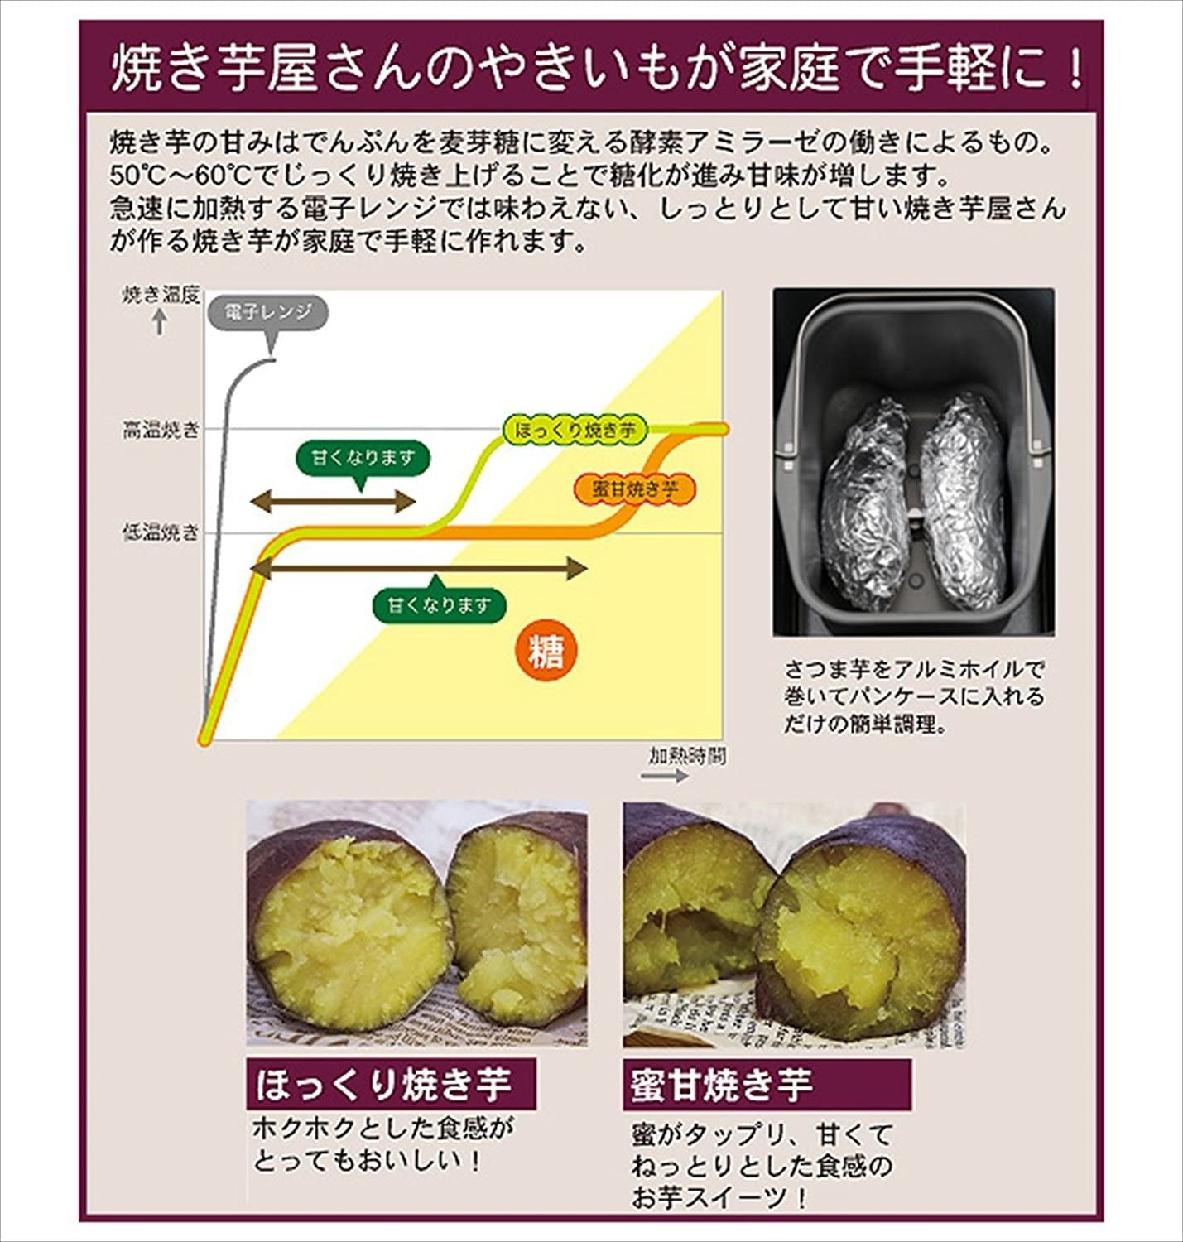 エムケー精工(MK SEIKO) ふっくらパン屋さん (ホームベーカリー1斤タイプ) HBK-101Pの商品画像3